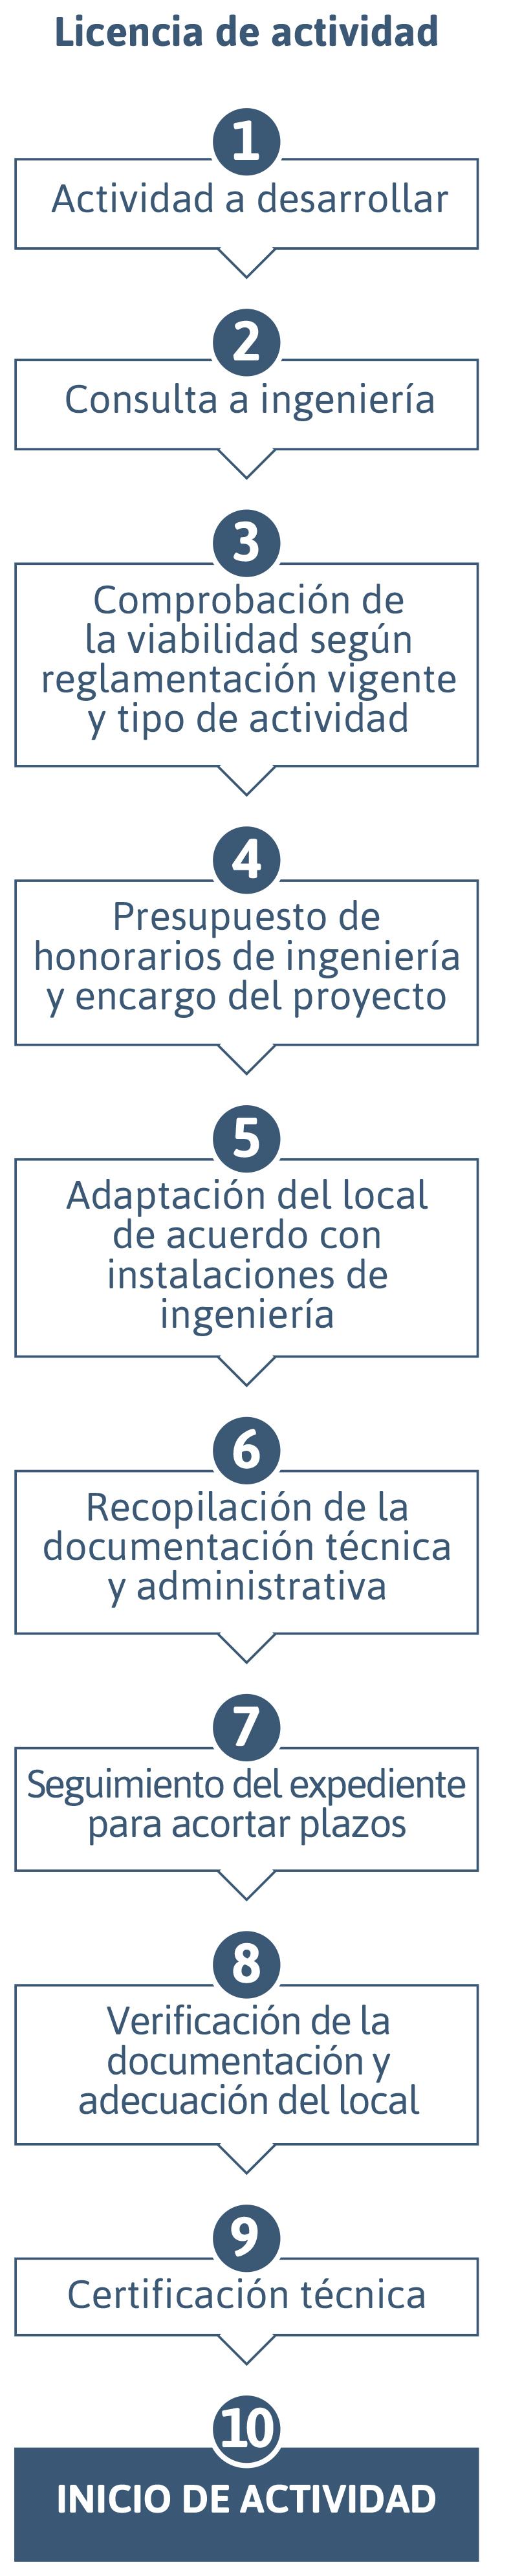 Licencias de actividad y apertura otp enginyeria for Permiso de obras barcelona